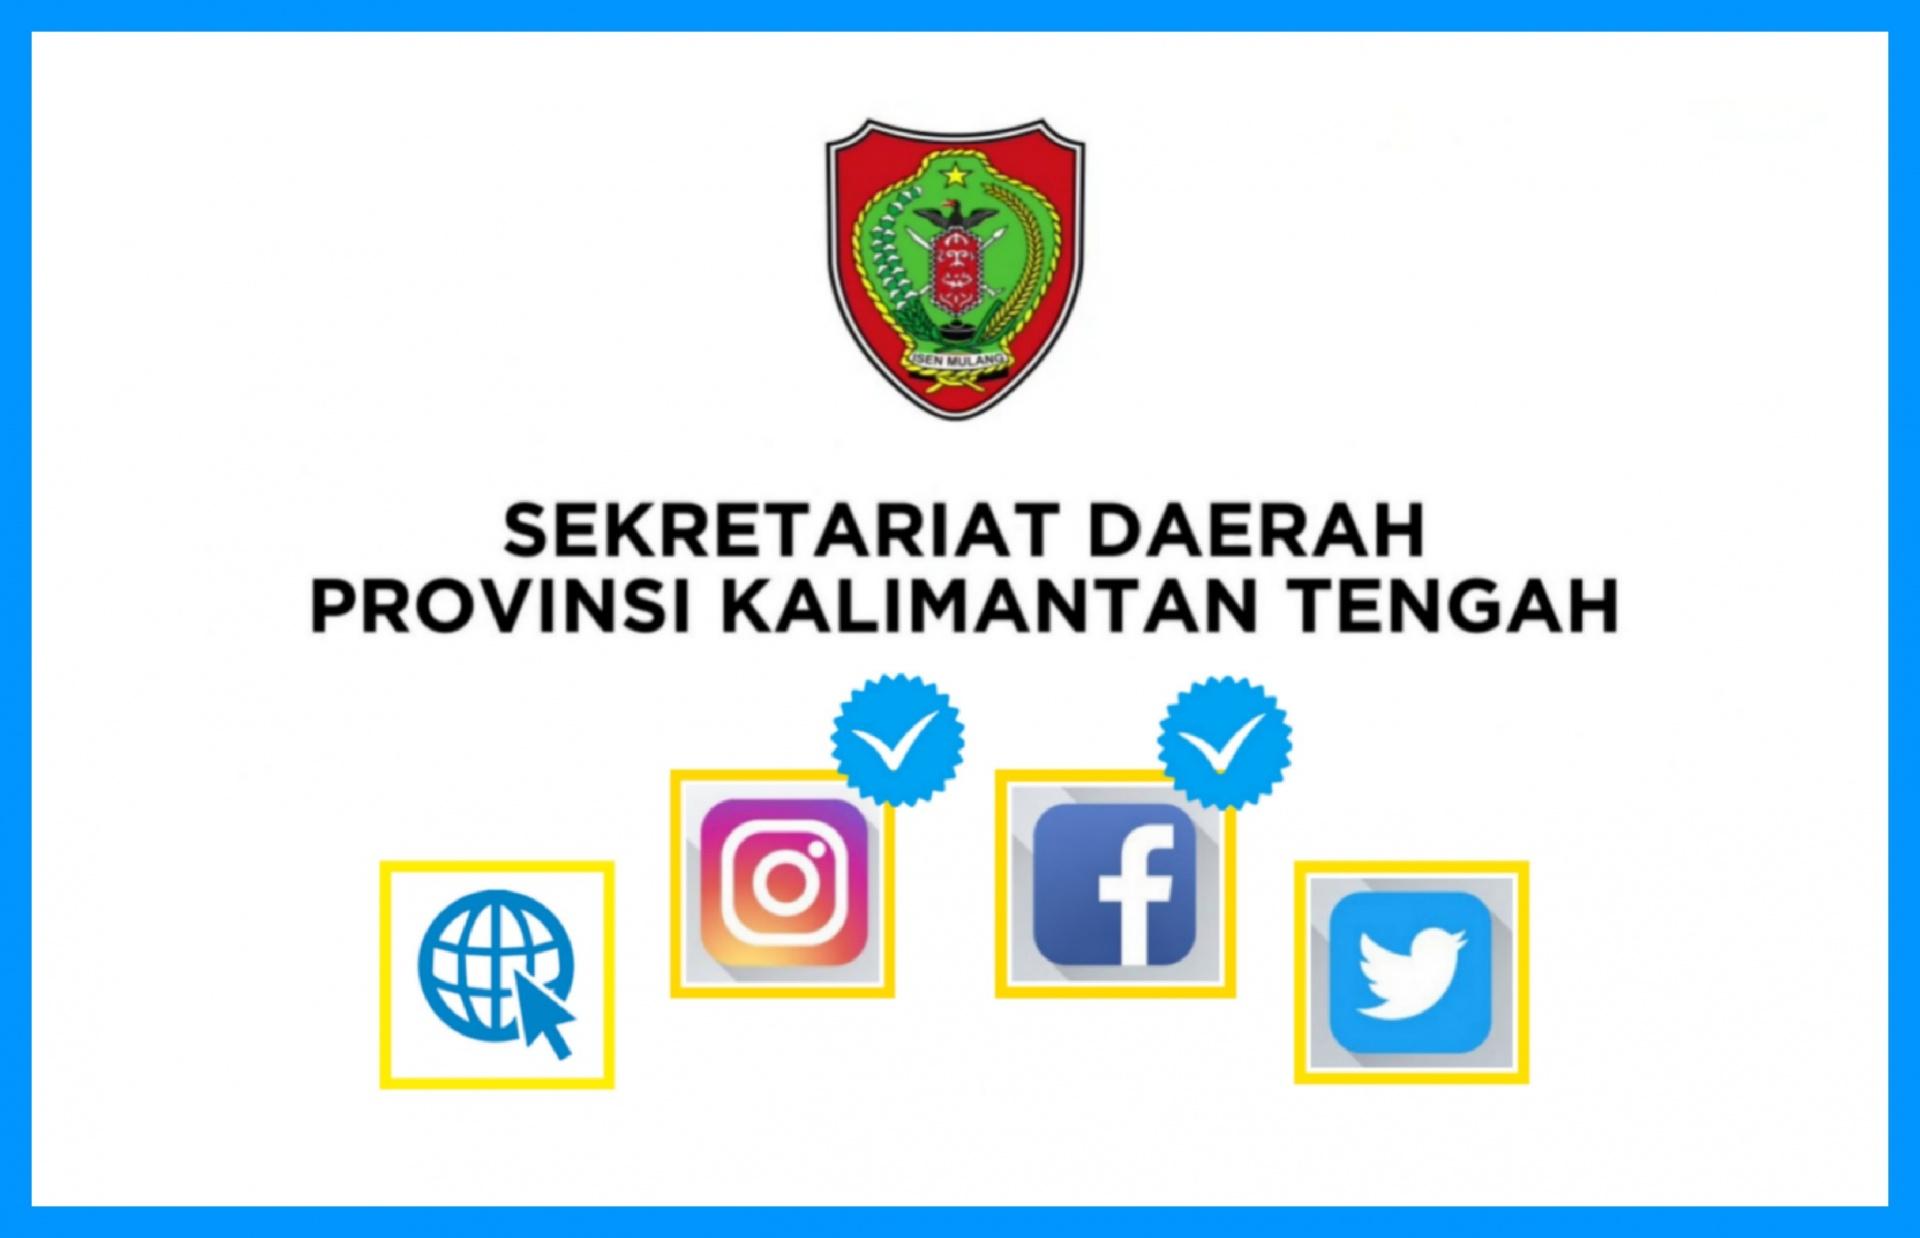 Media Sosial dan Situs Web Resmi Sekretariat Daerah Provinsi Kalimantan Tengah